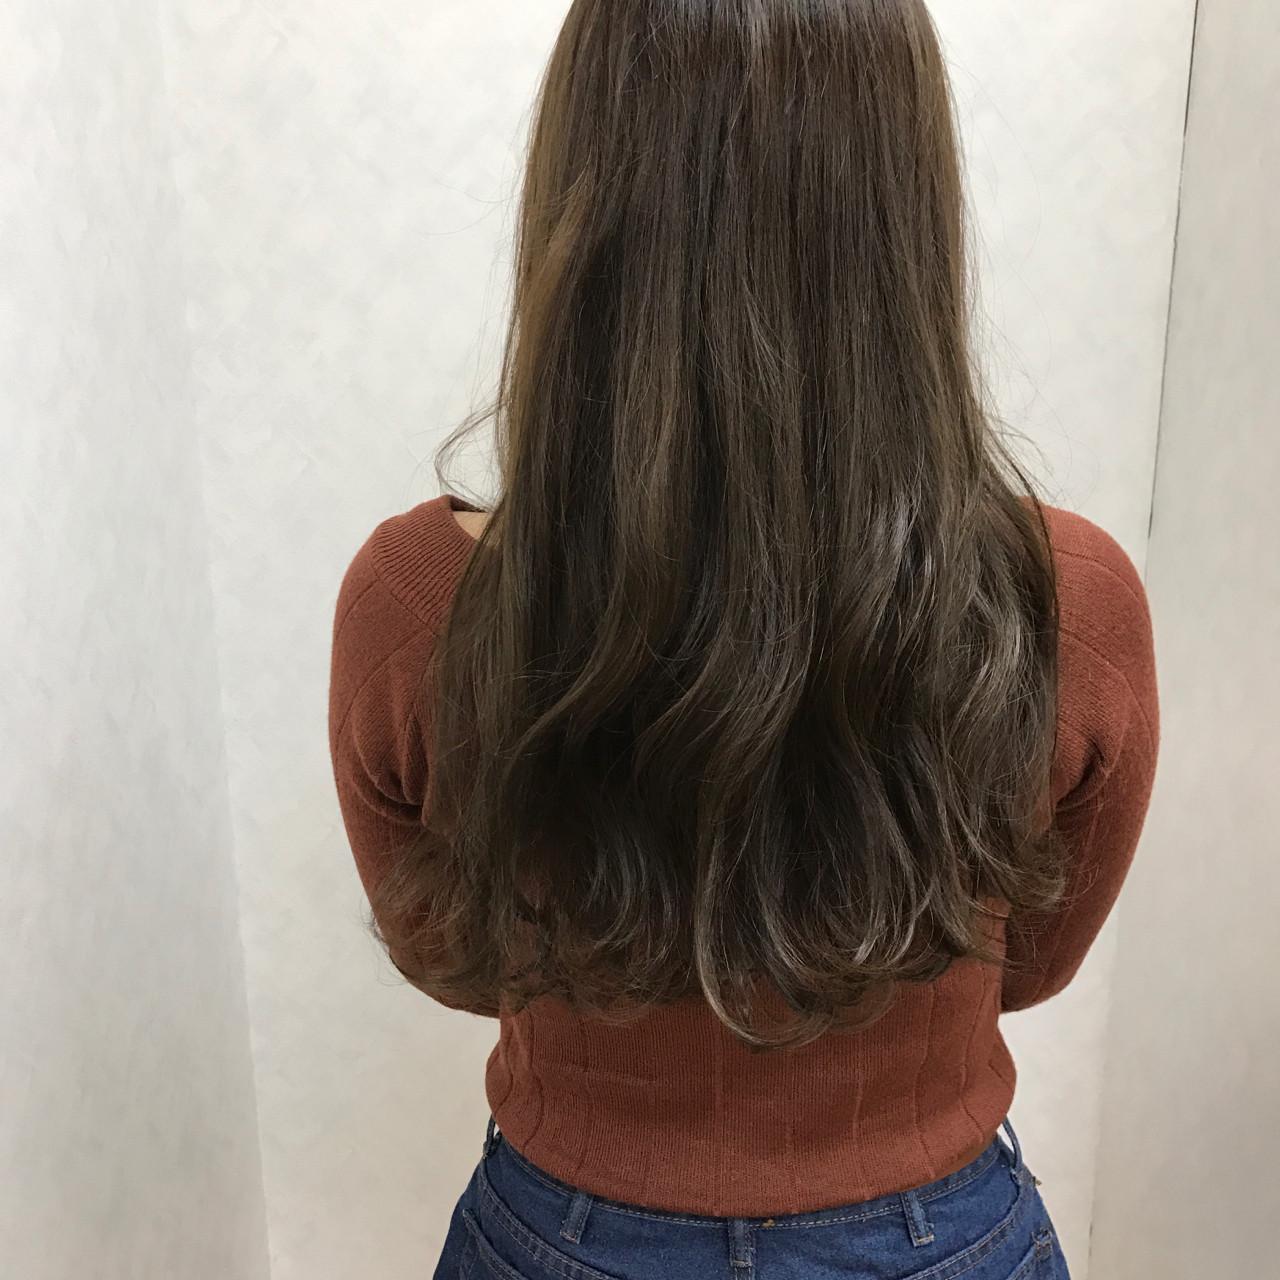 エレガント 上品 ハイライト ロング ヘアスタイルや髪型の写真・画像 | タカギツカサ / BECCO